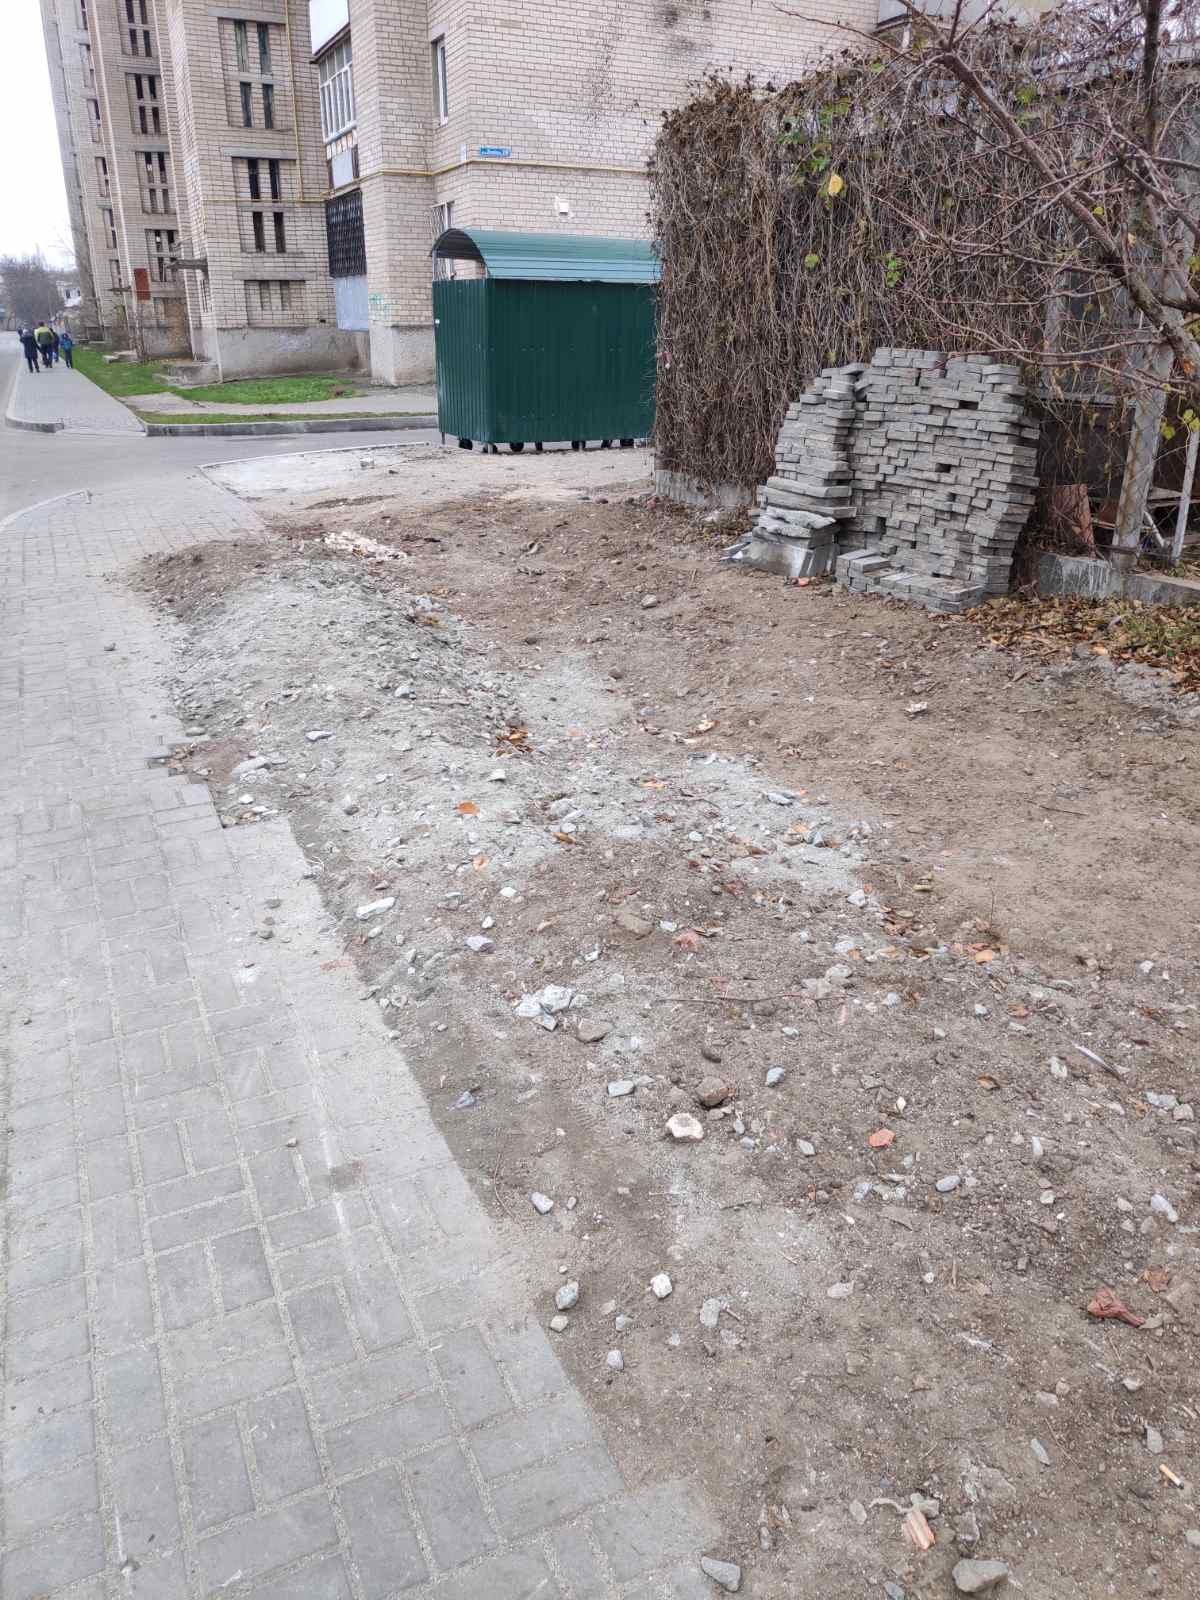 Начальника электросети оштрафуют за нарушение правил благоустройства Мелитополя, фото-3